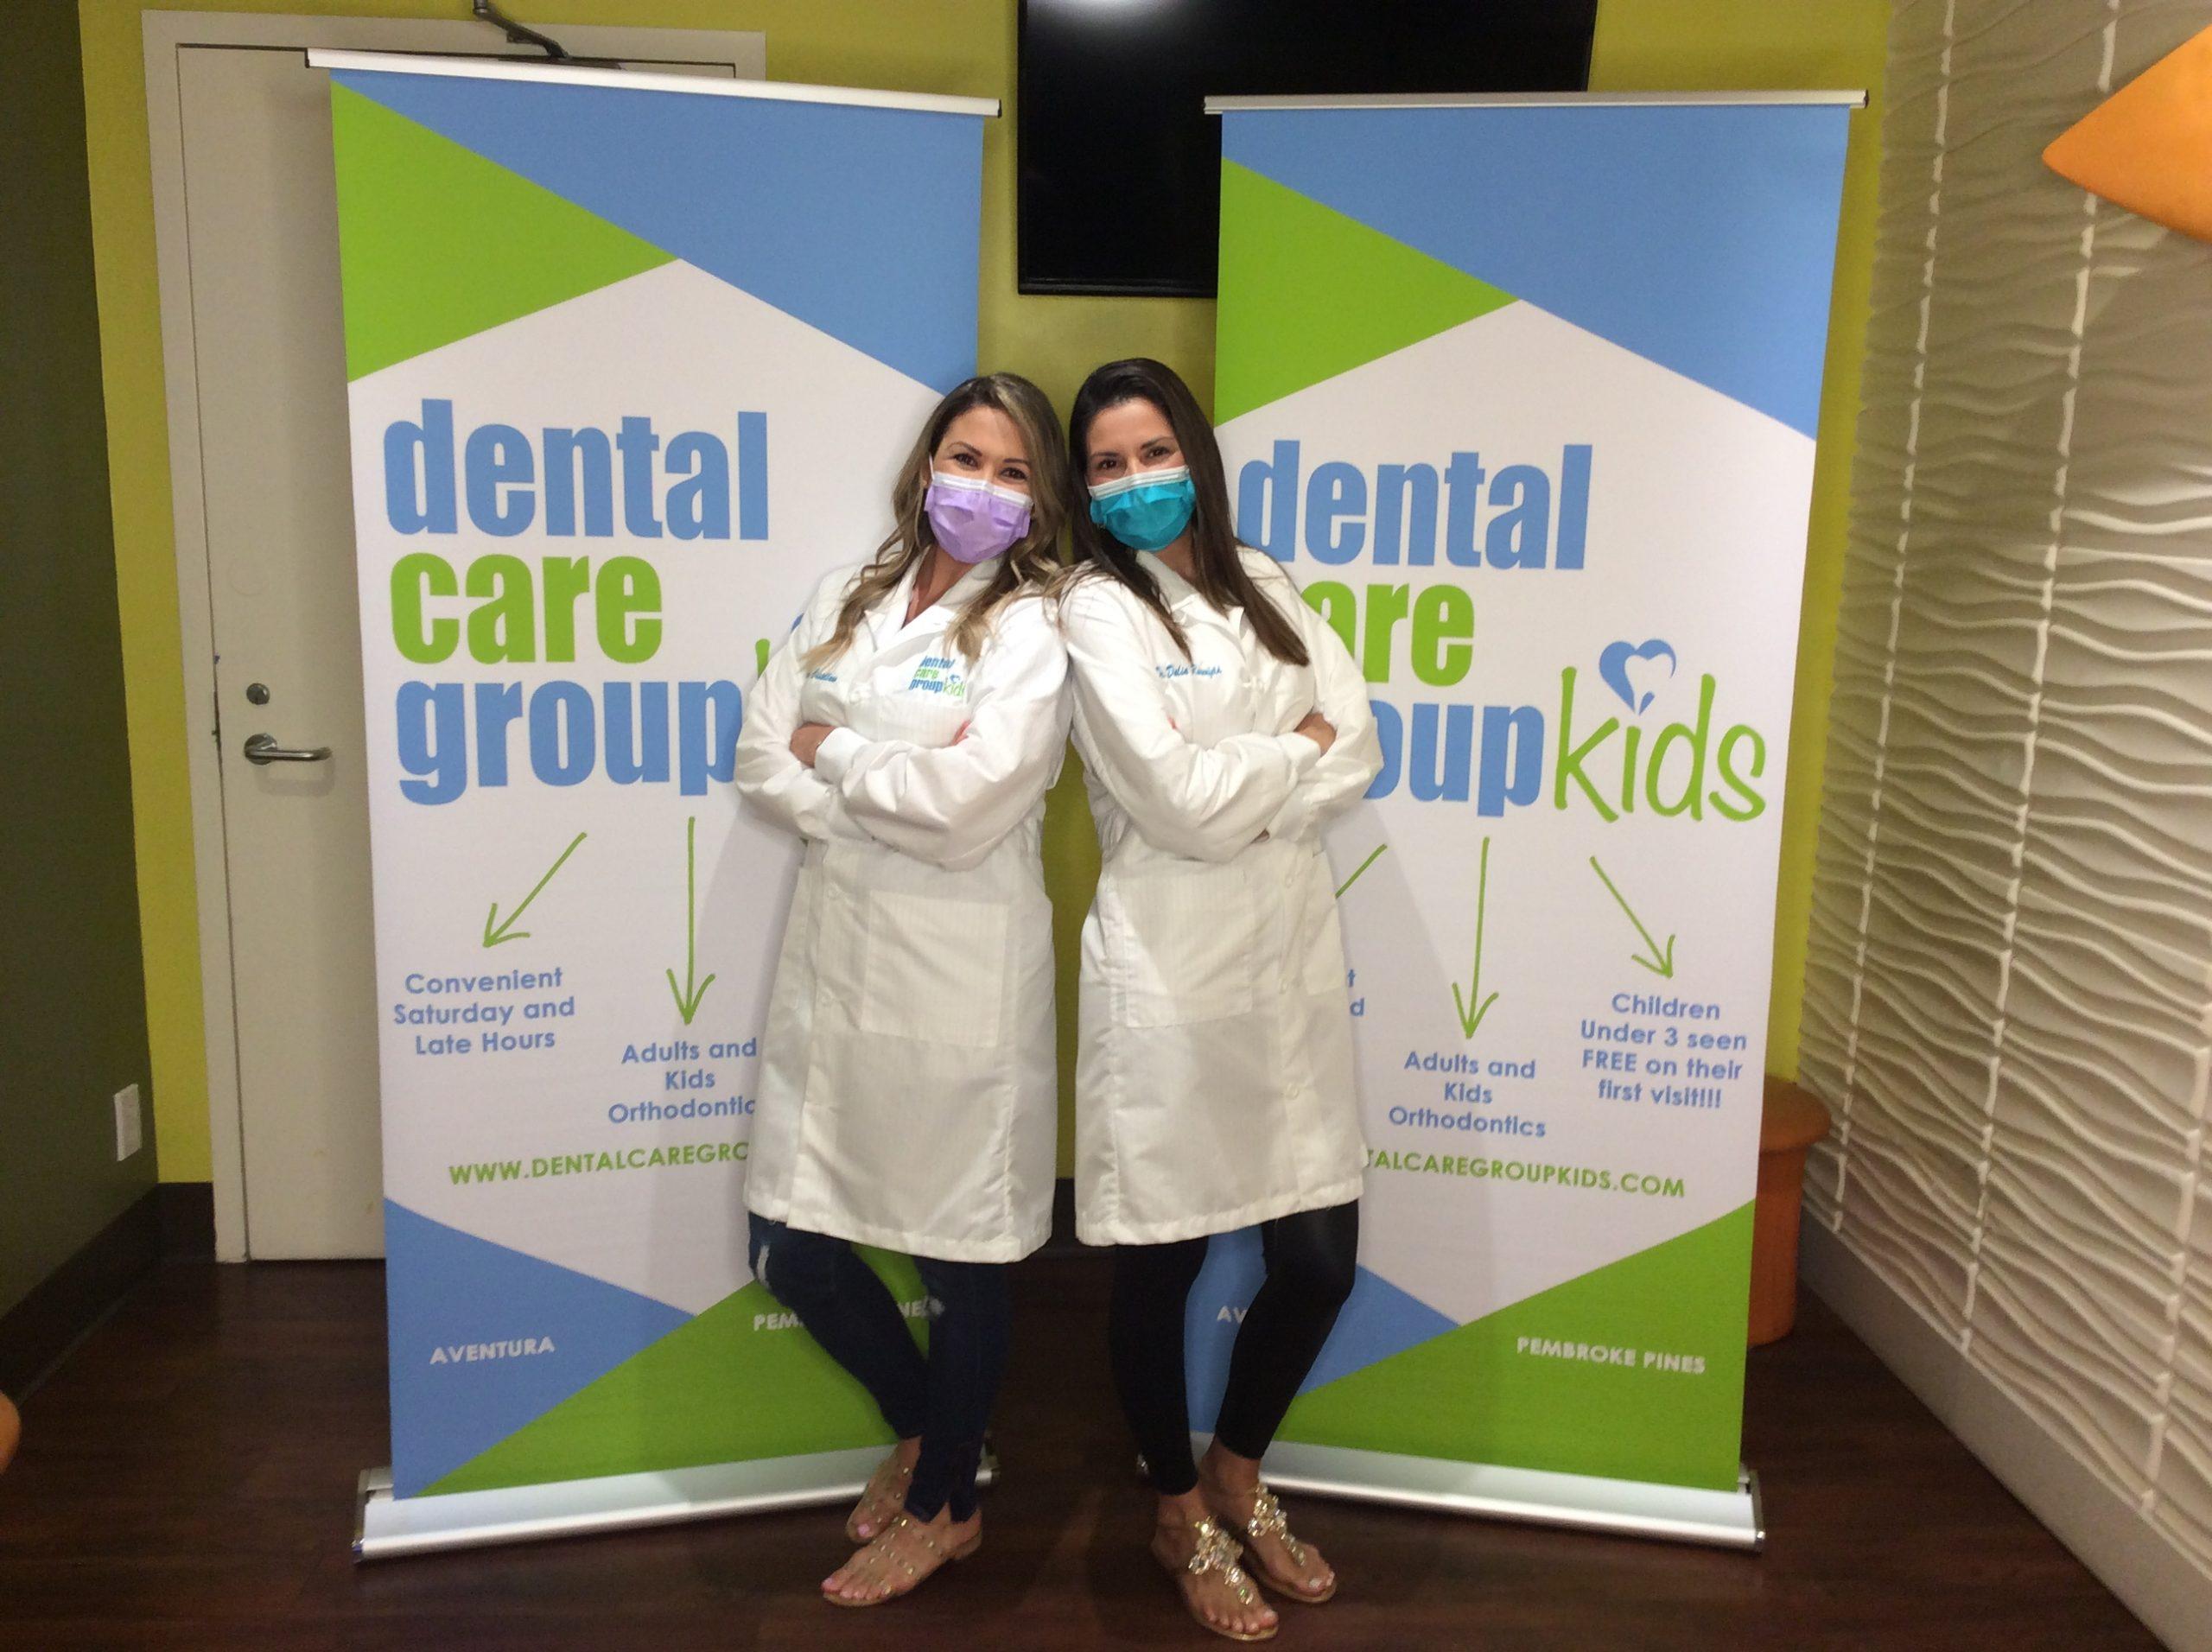 Dr Dalia Rosenfeld and Dr Alicia Castellano